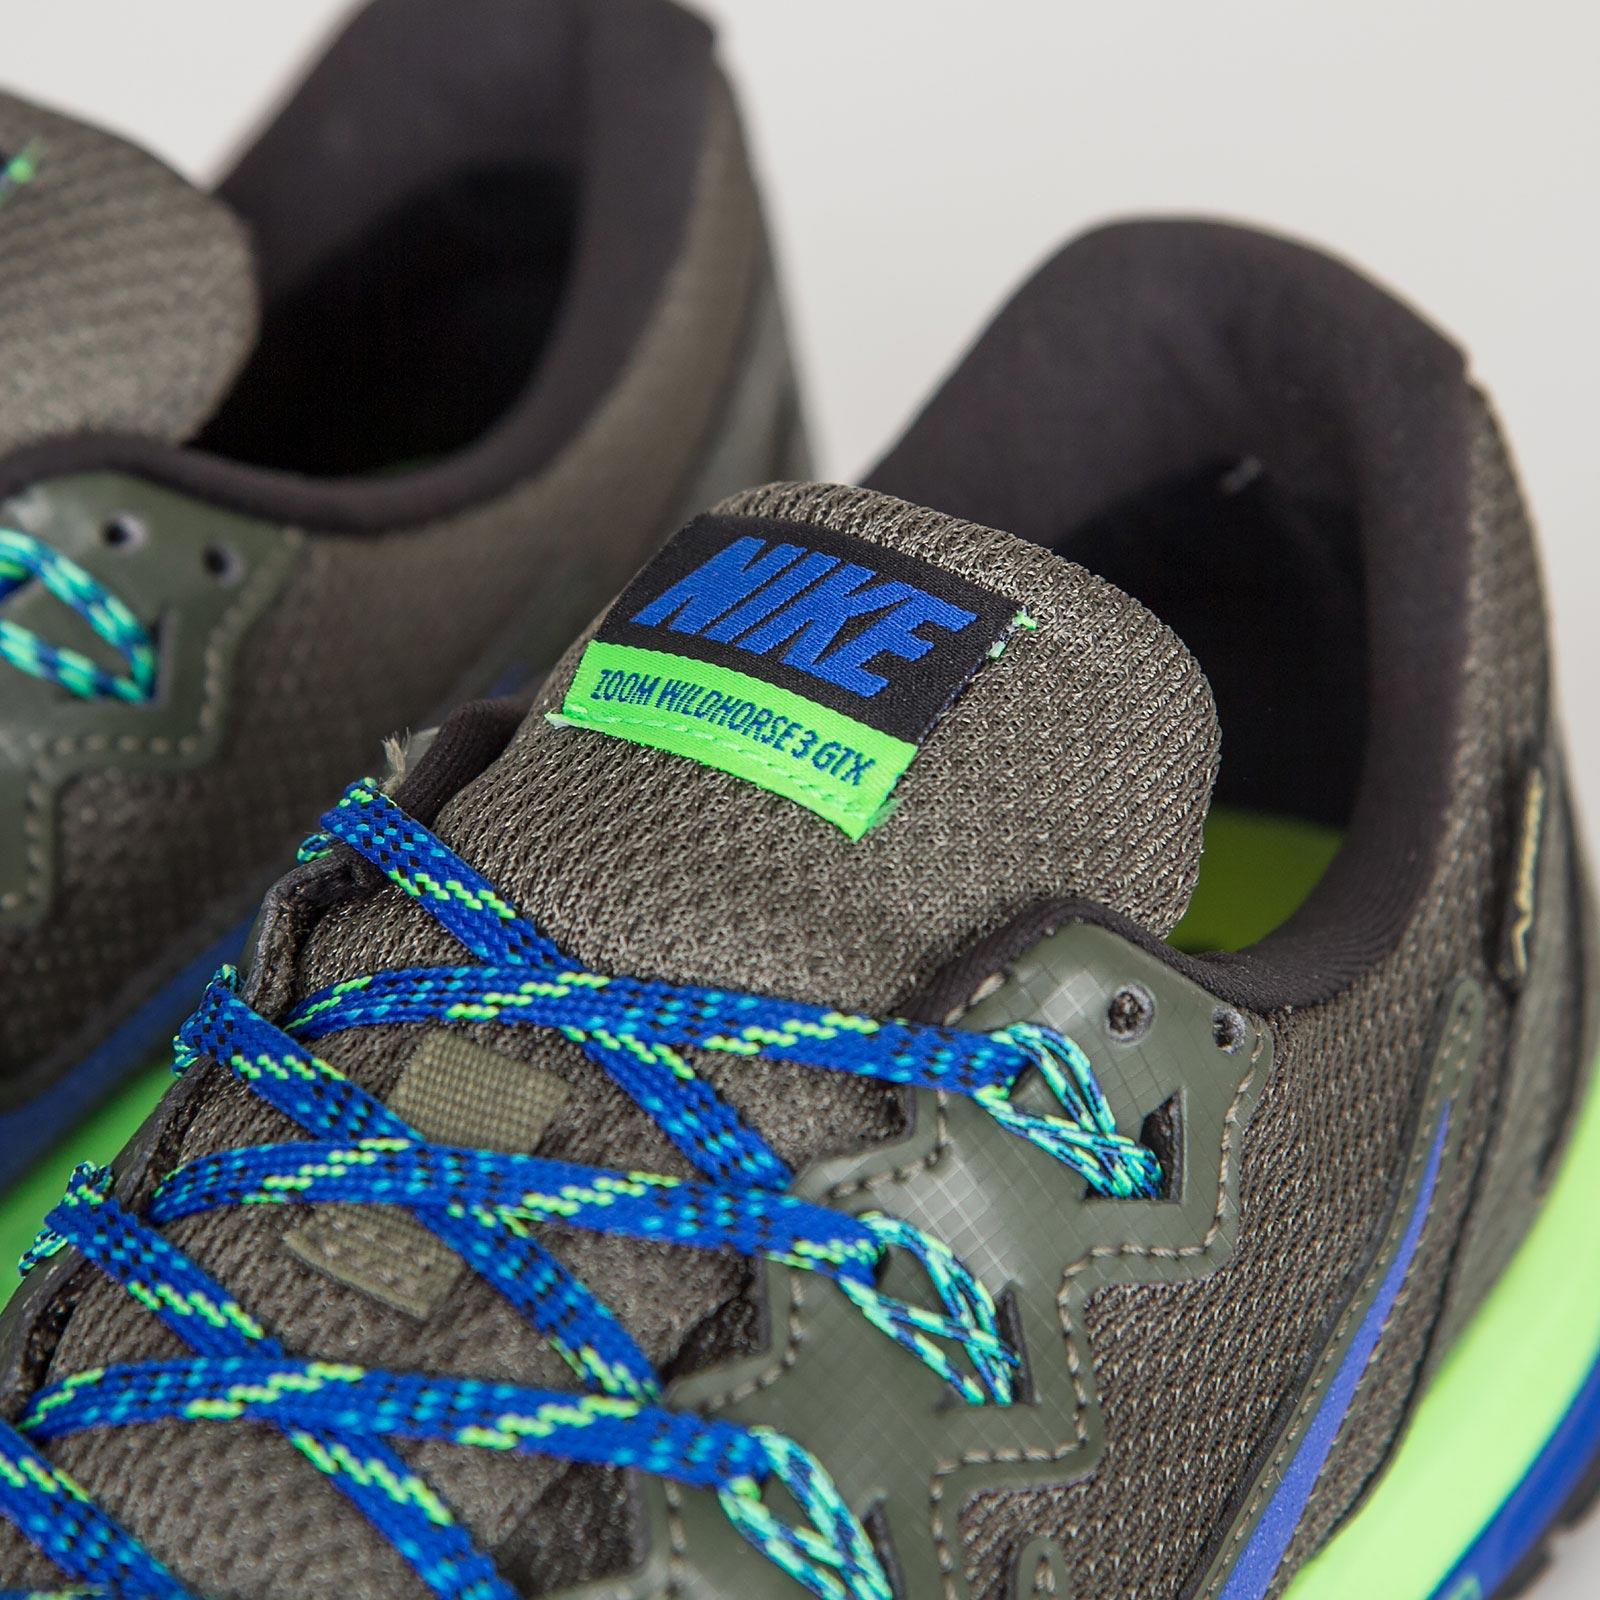 29a0a3561d301 Nike Air Zoom Wildhorse 3 GTX - 805569-300 - Sneakersnstuff ...